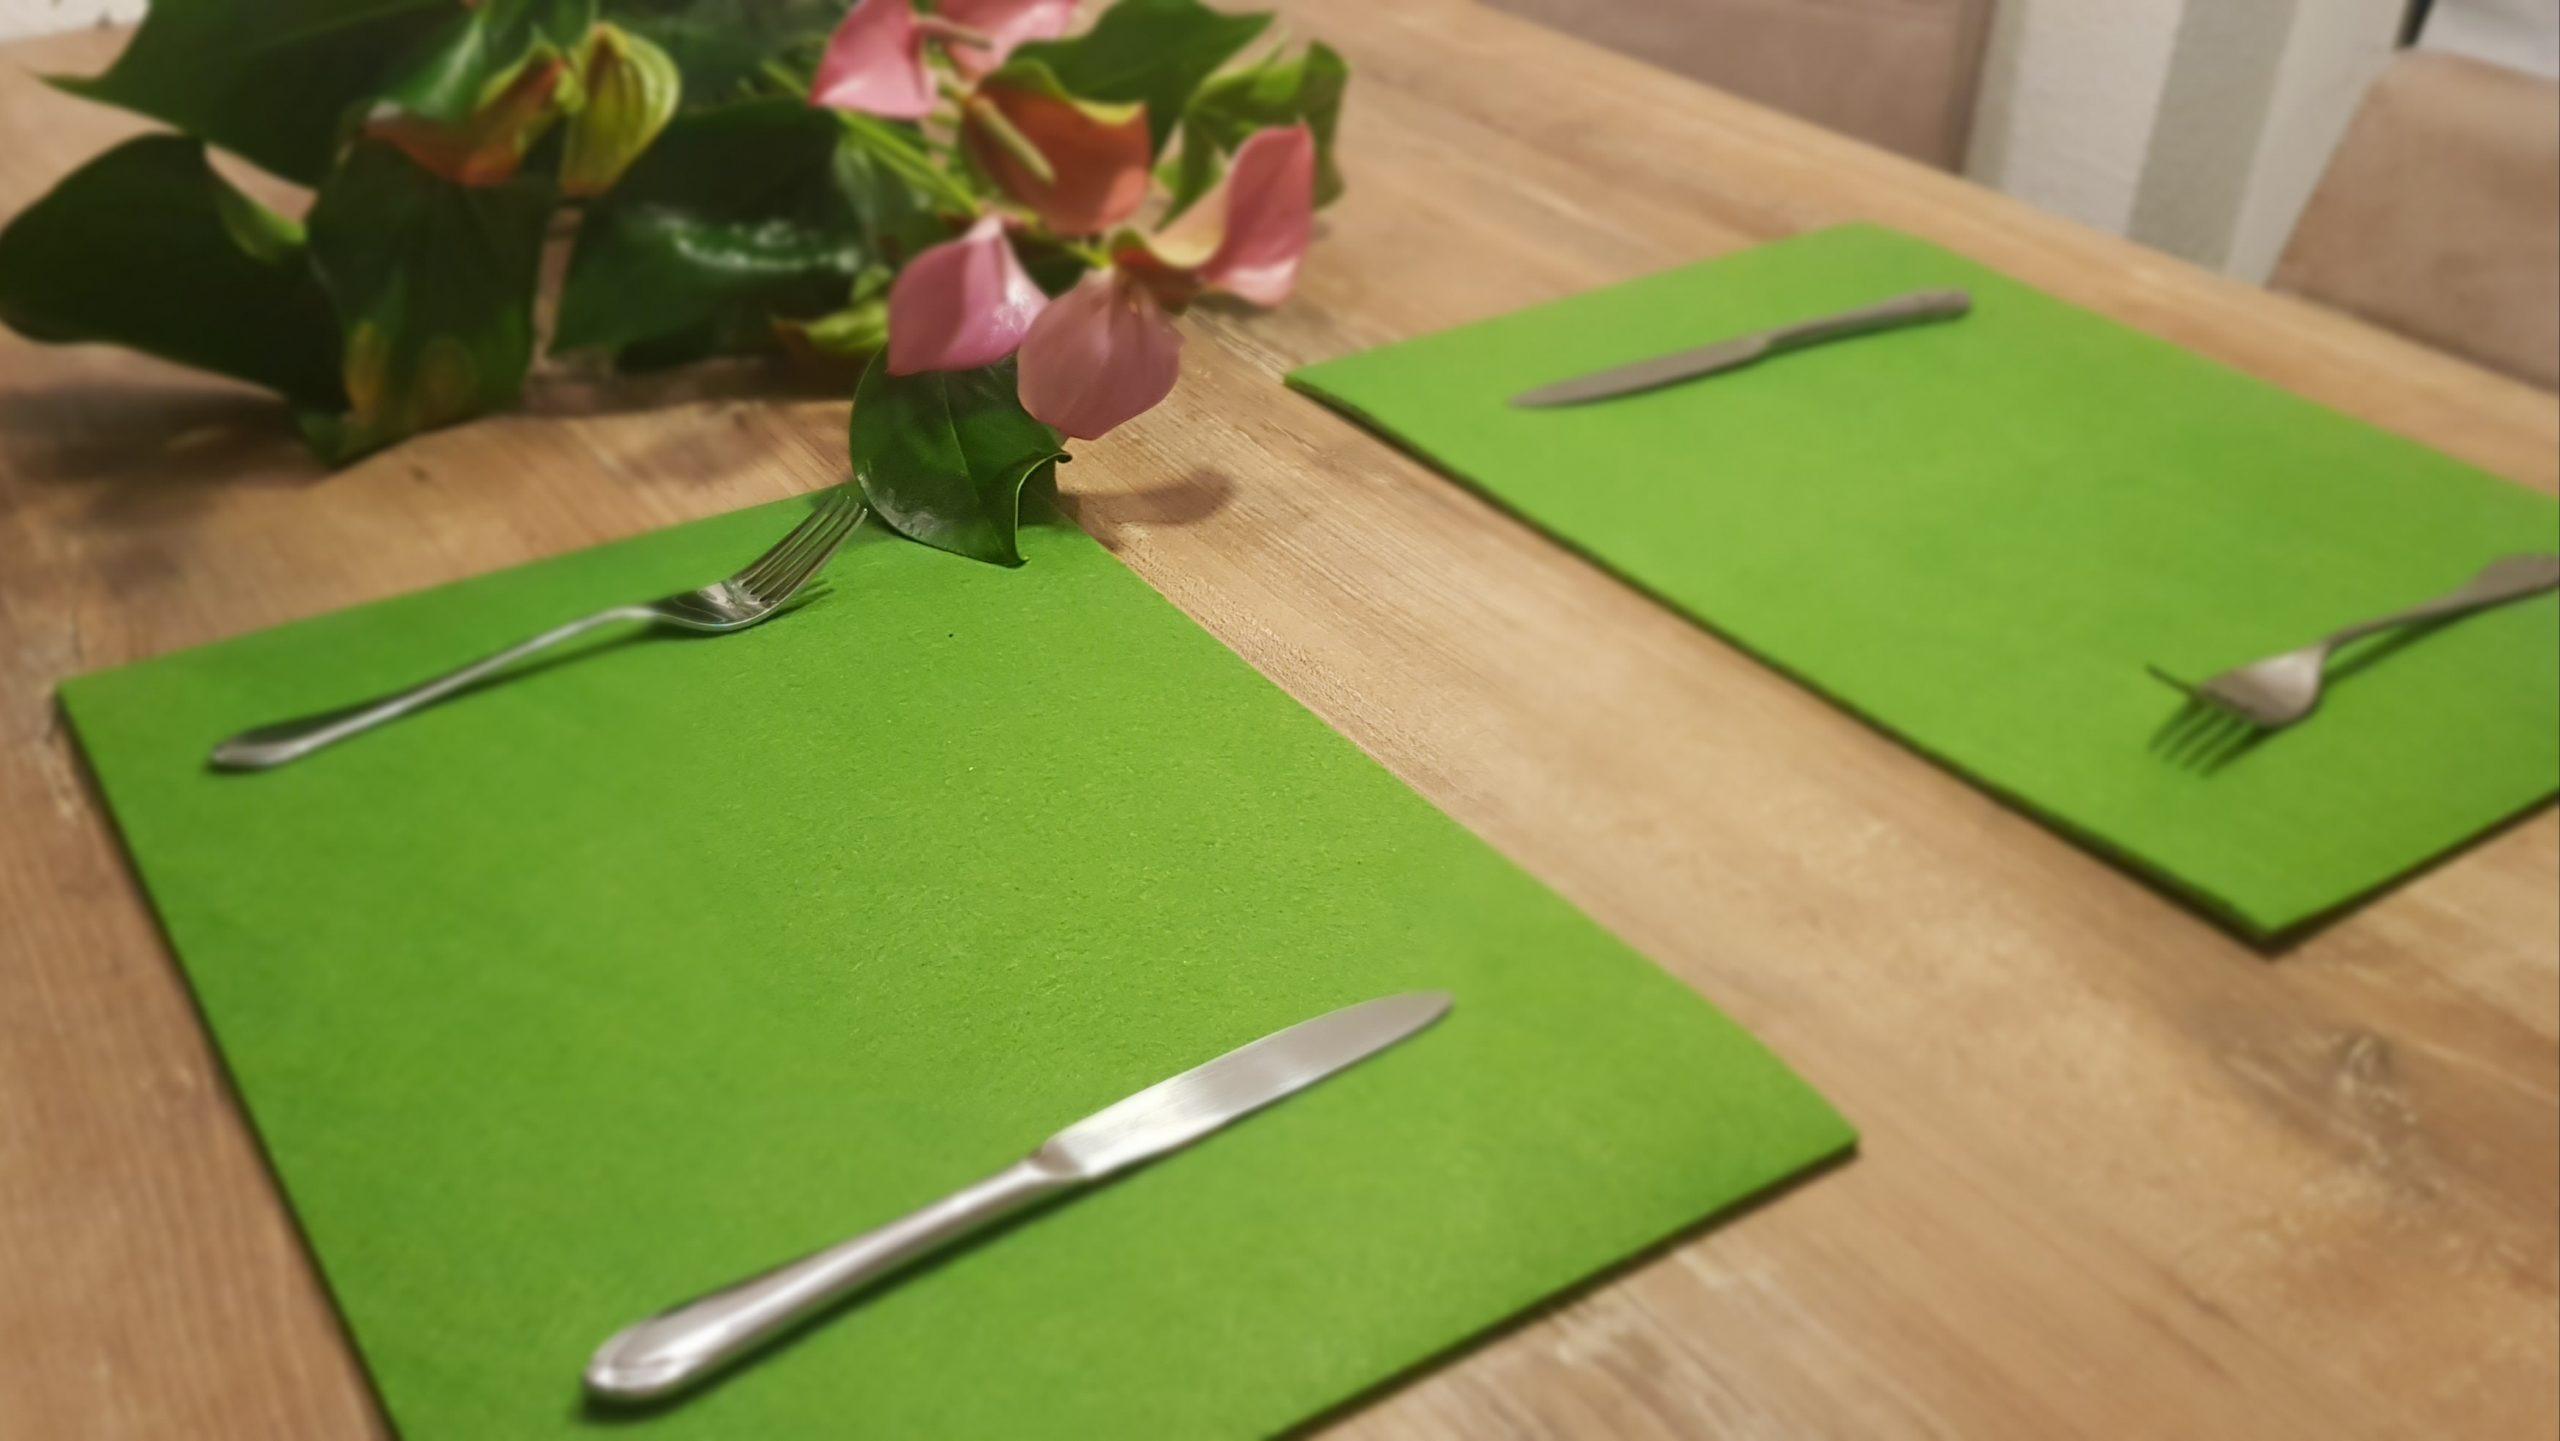 Grüne Filz-Untersetzter quadratisch mit Besteck - Handgemachte individualisierbare Taschen, Körbe, Tischsets, Dekoartikel und mehr auf fideko.de der Onlineshop seit 2011